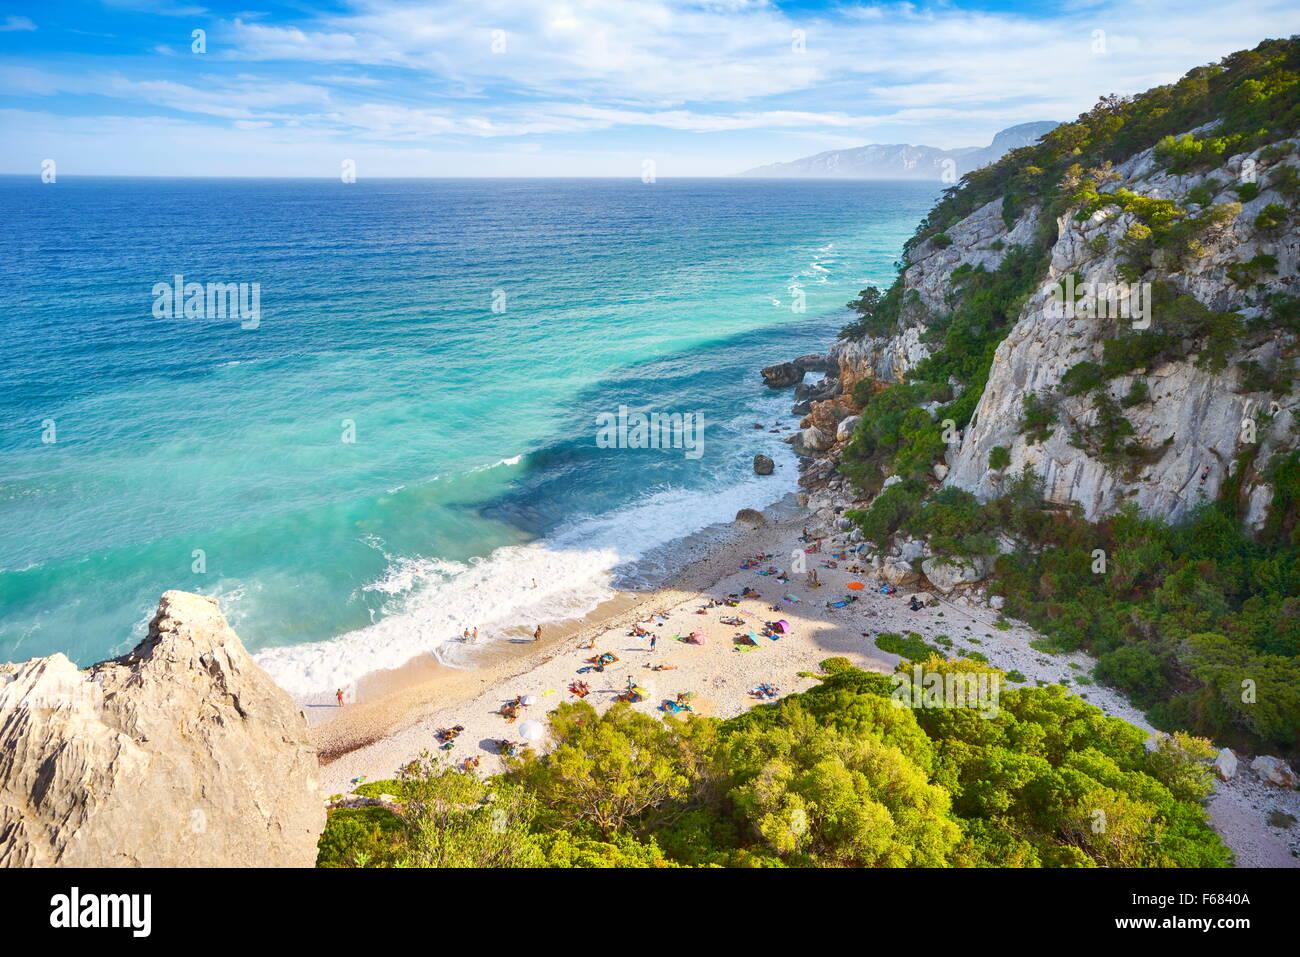 Gennargentu and Orosei Gulf National Park, Sardinia Island, Italy - Stock Image